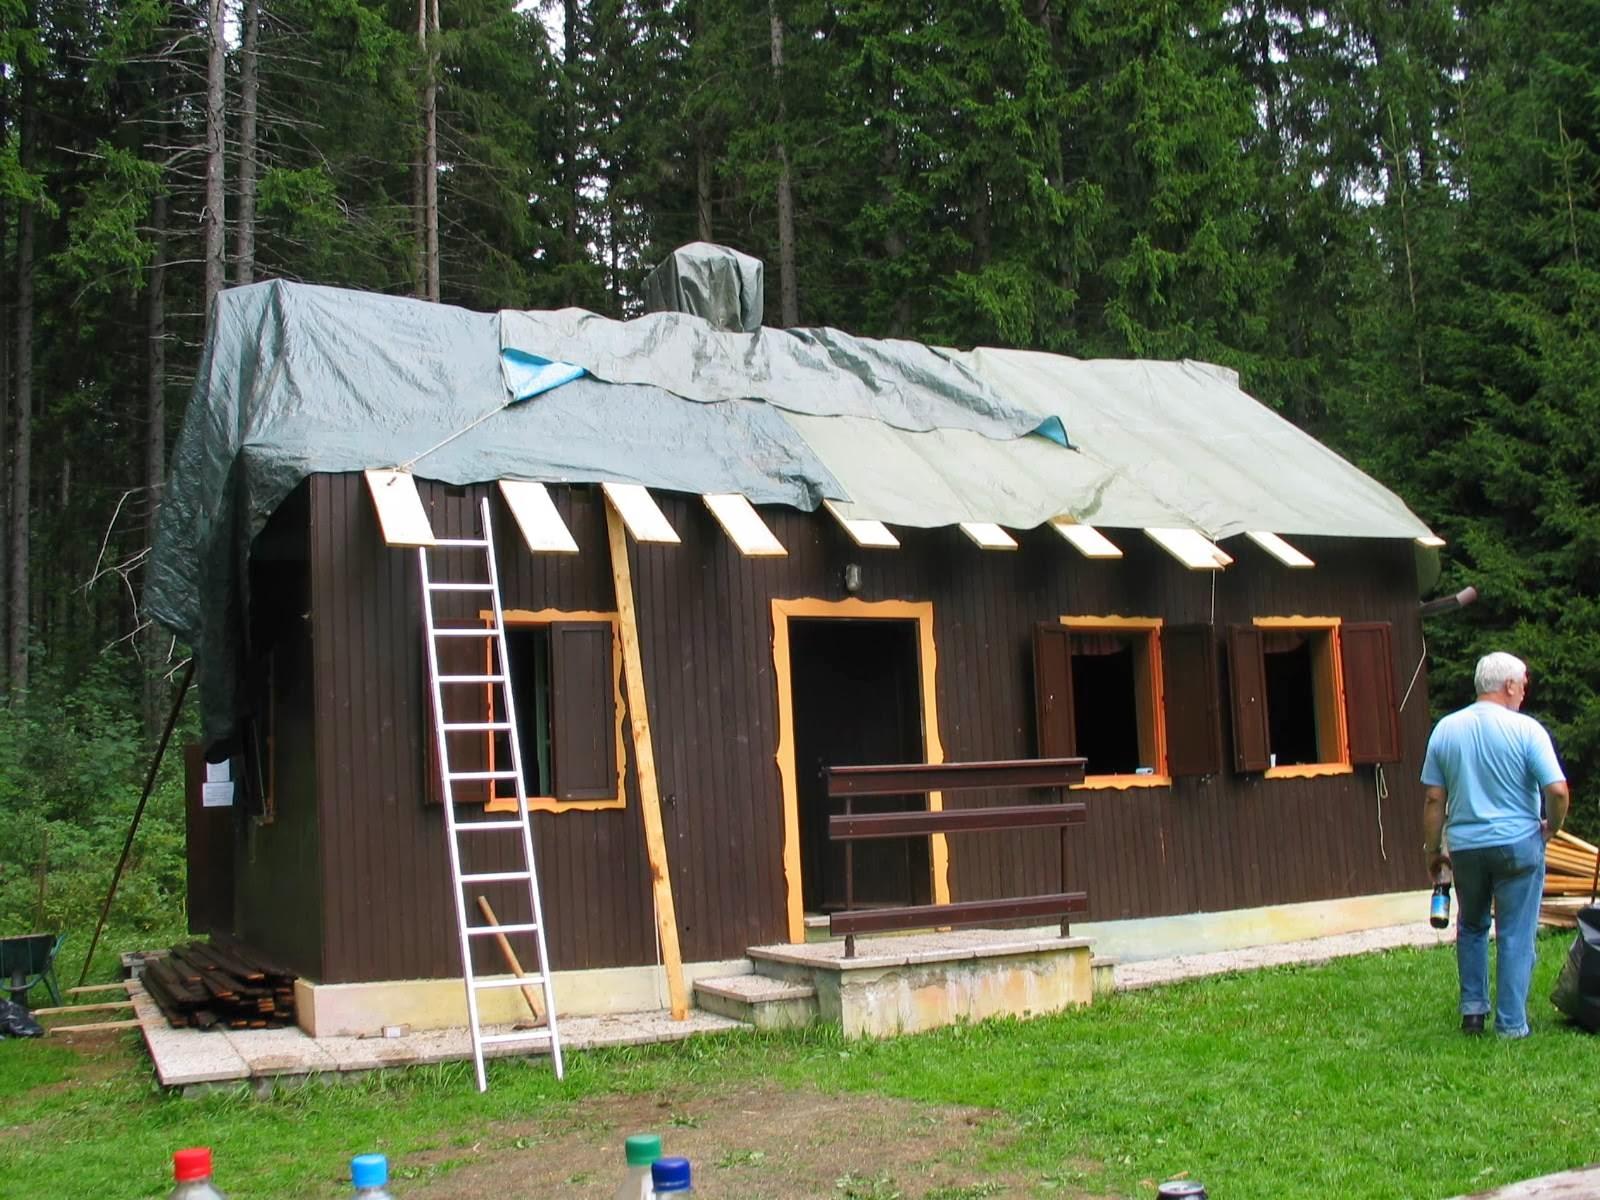 Delovna akcija - Streha, Črni dol 2006 - streha%2B157.jpg